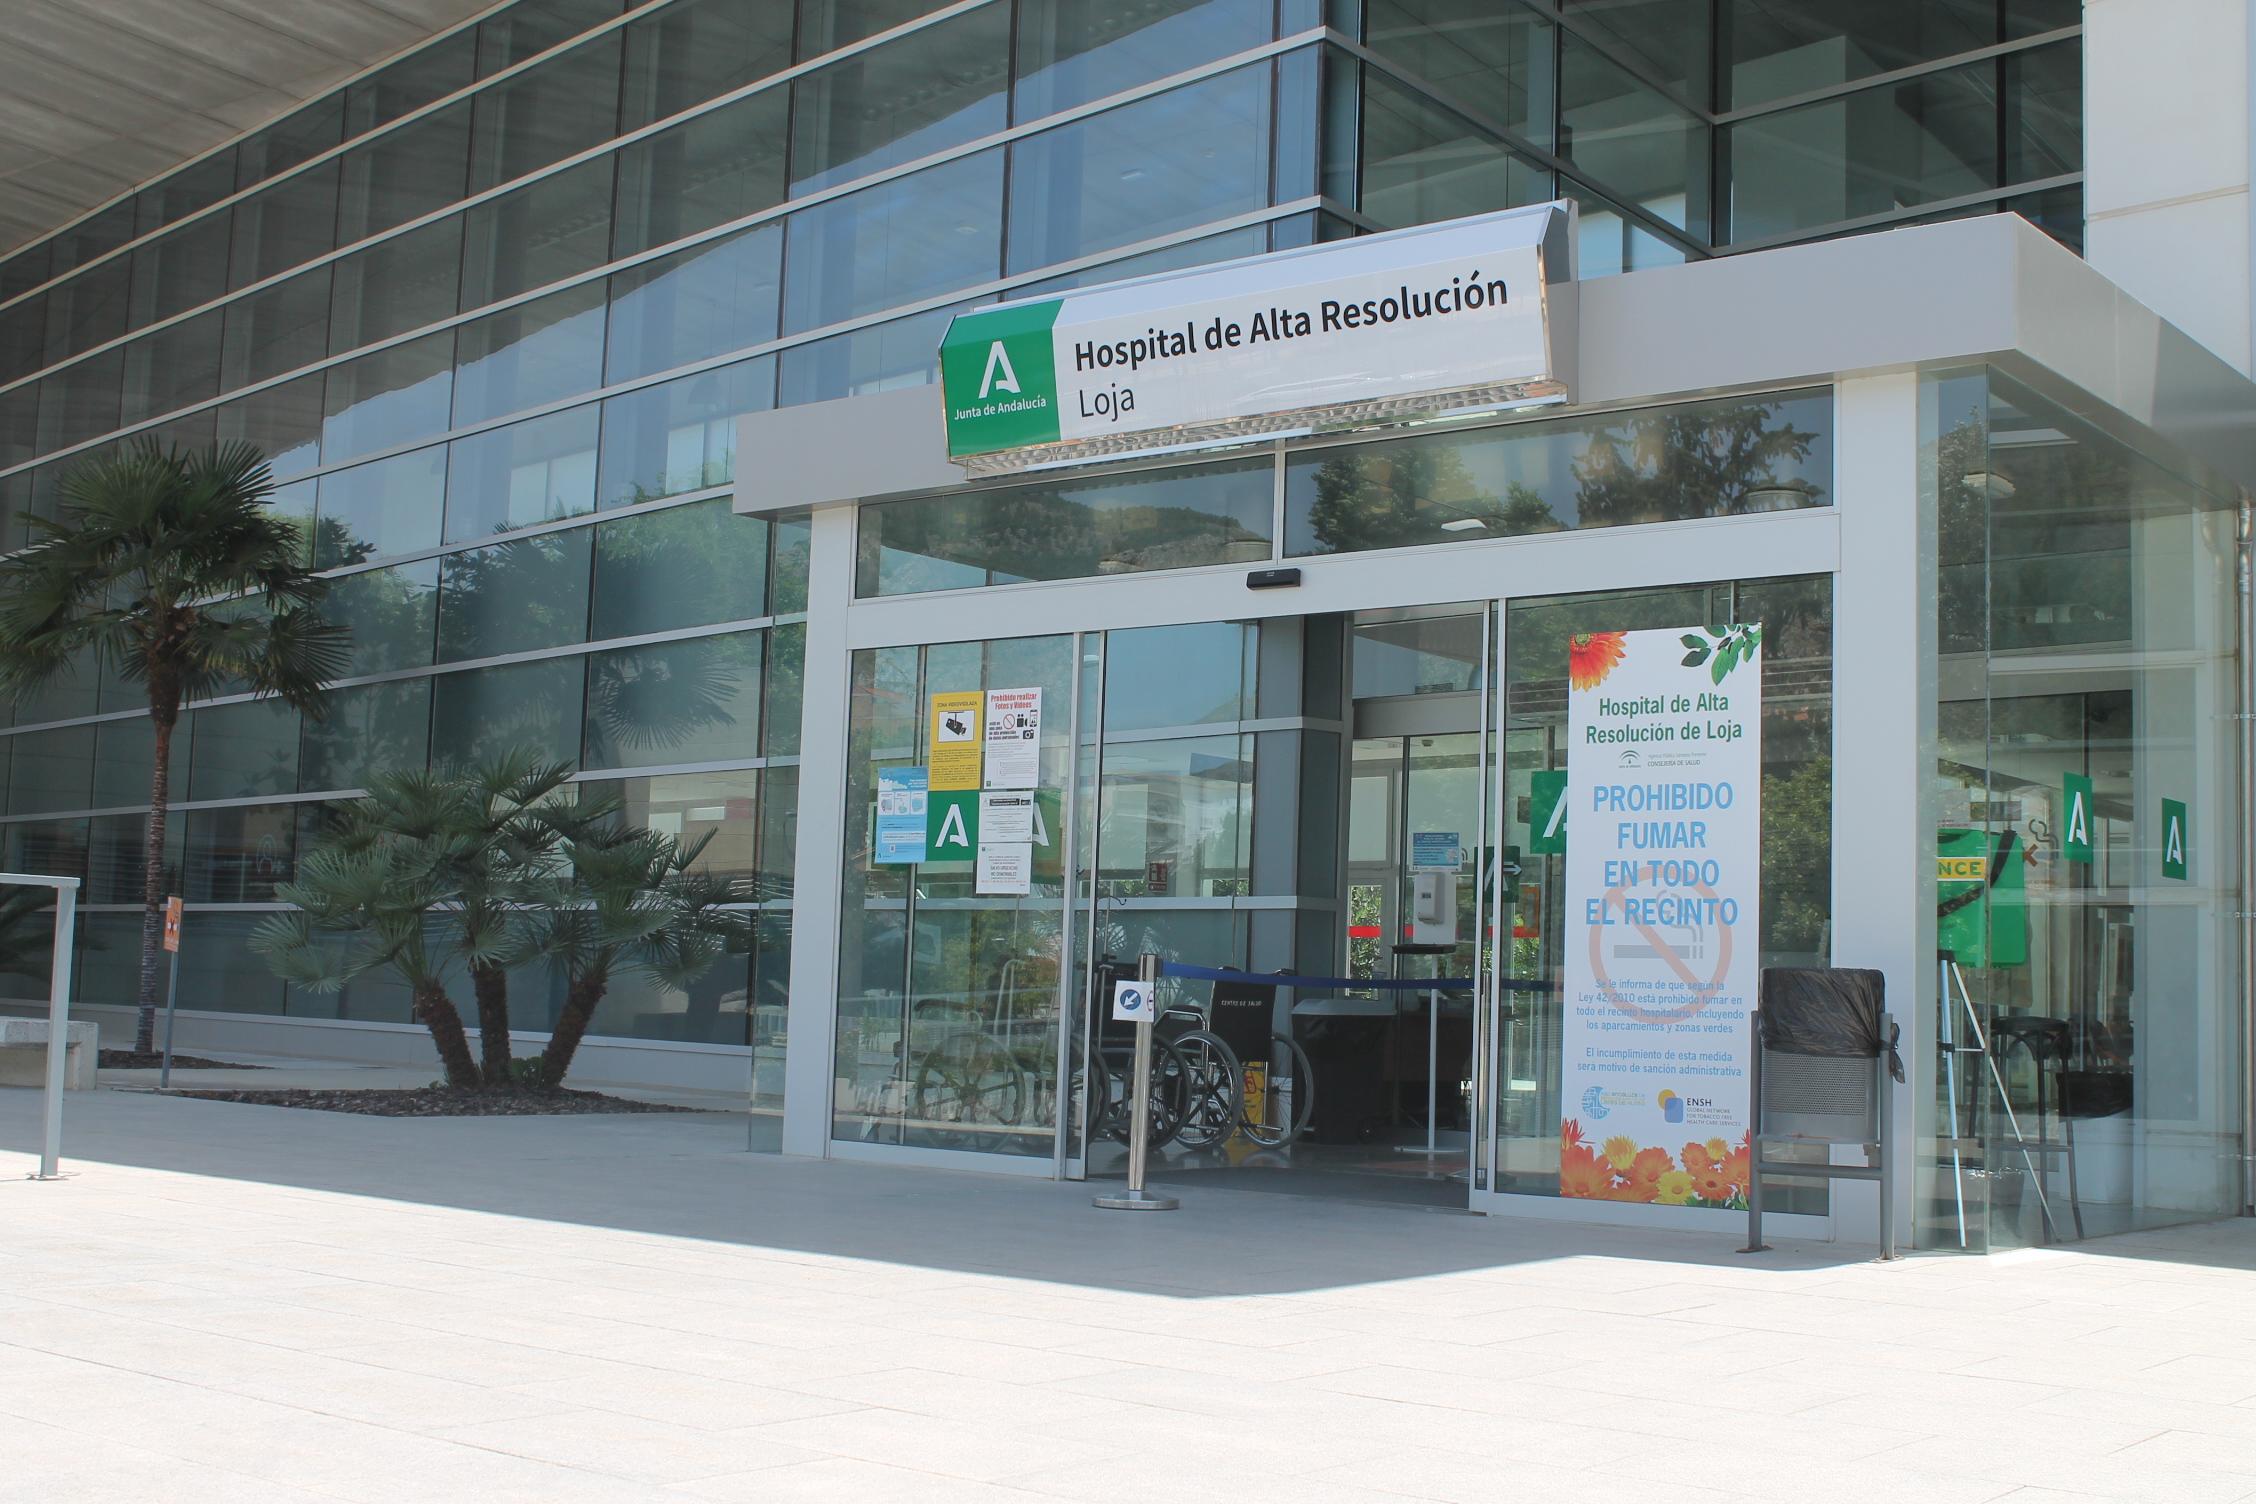 El Hospital de Alta Resolución de Loja atiende más de 15.000 consultas y 16.000 urgencias en el primer semestre de 2021